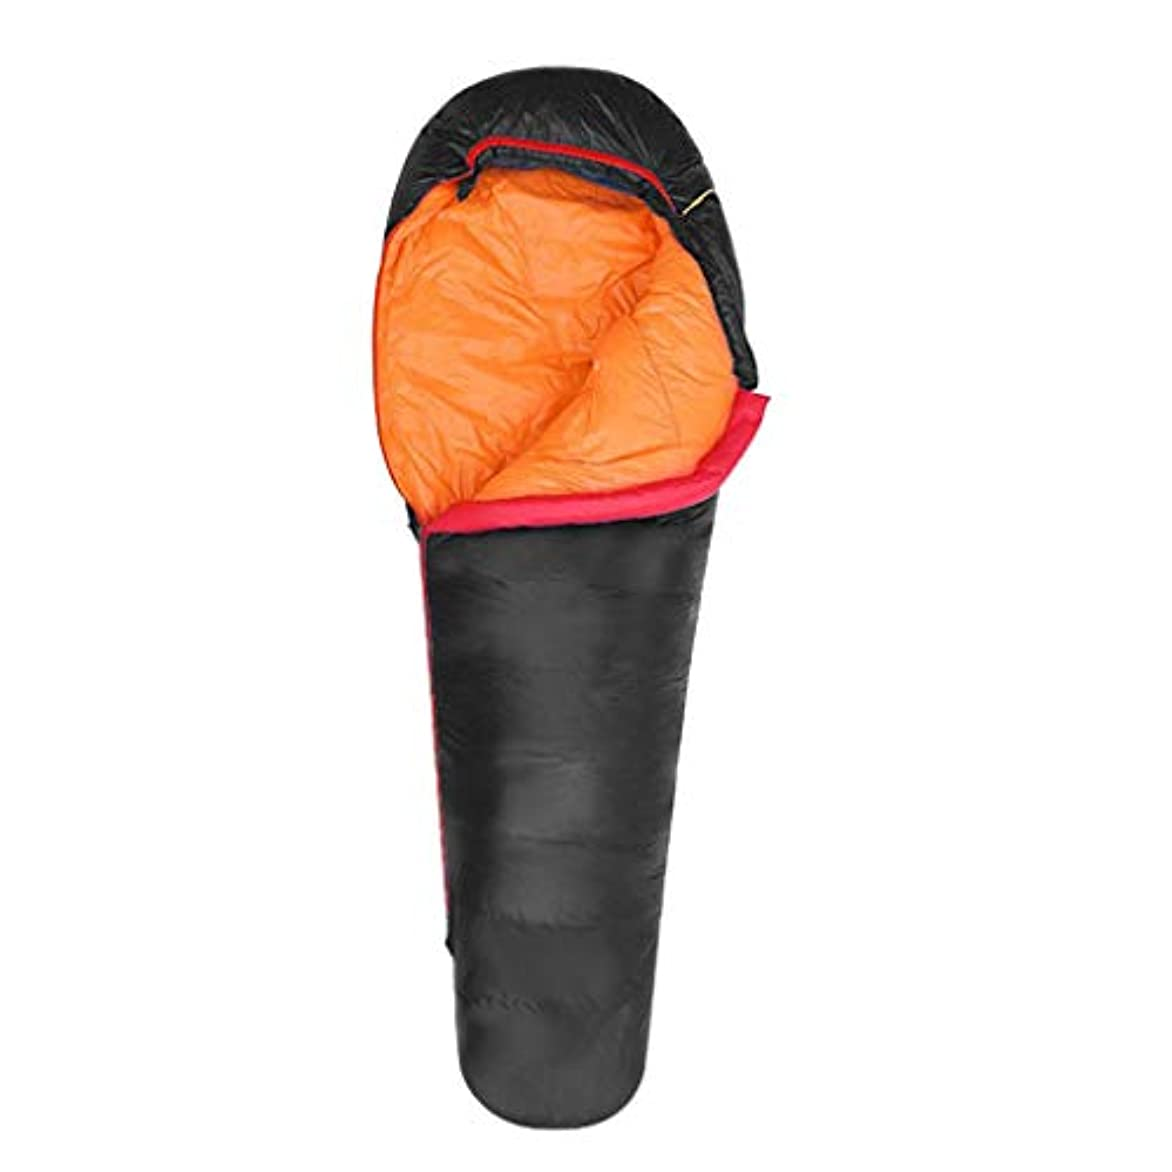 愛する役立つアレルギーD DOLITY キャンプ寝袋 超軽量 マミー型寝袋 シュラフ